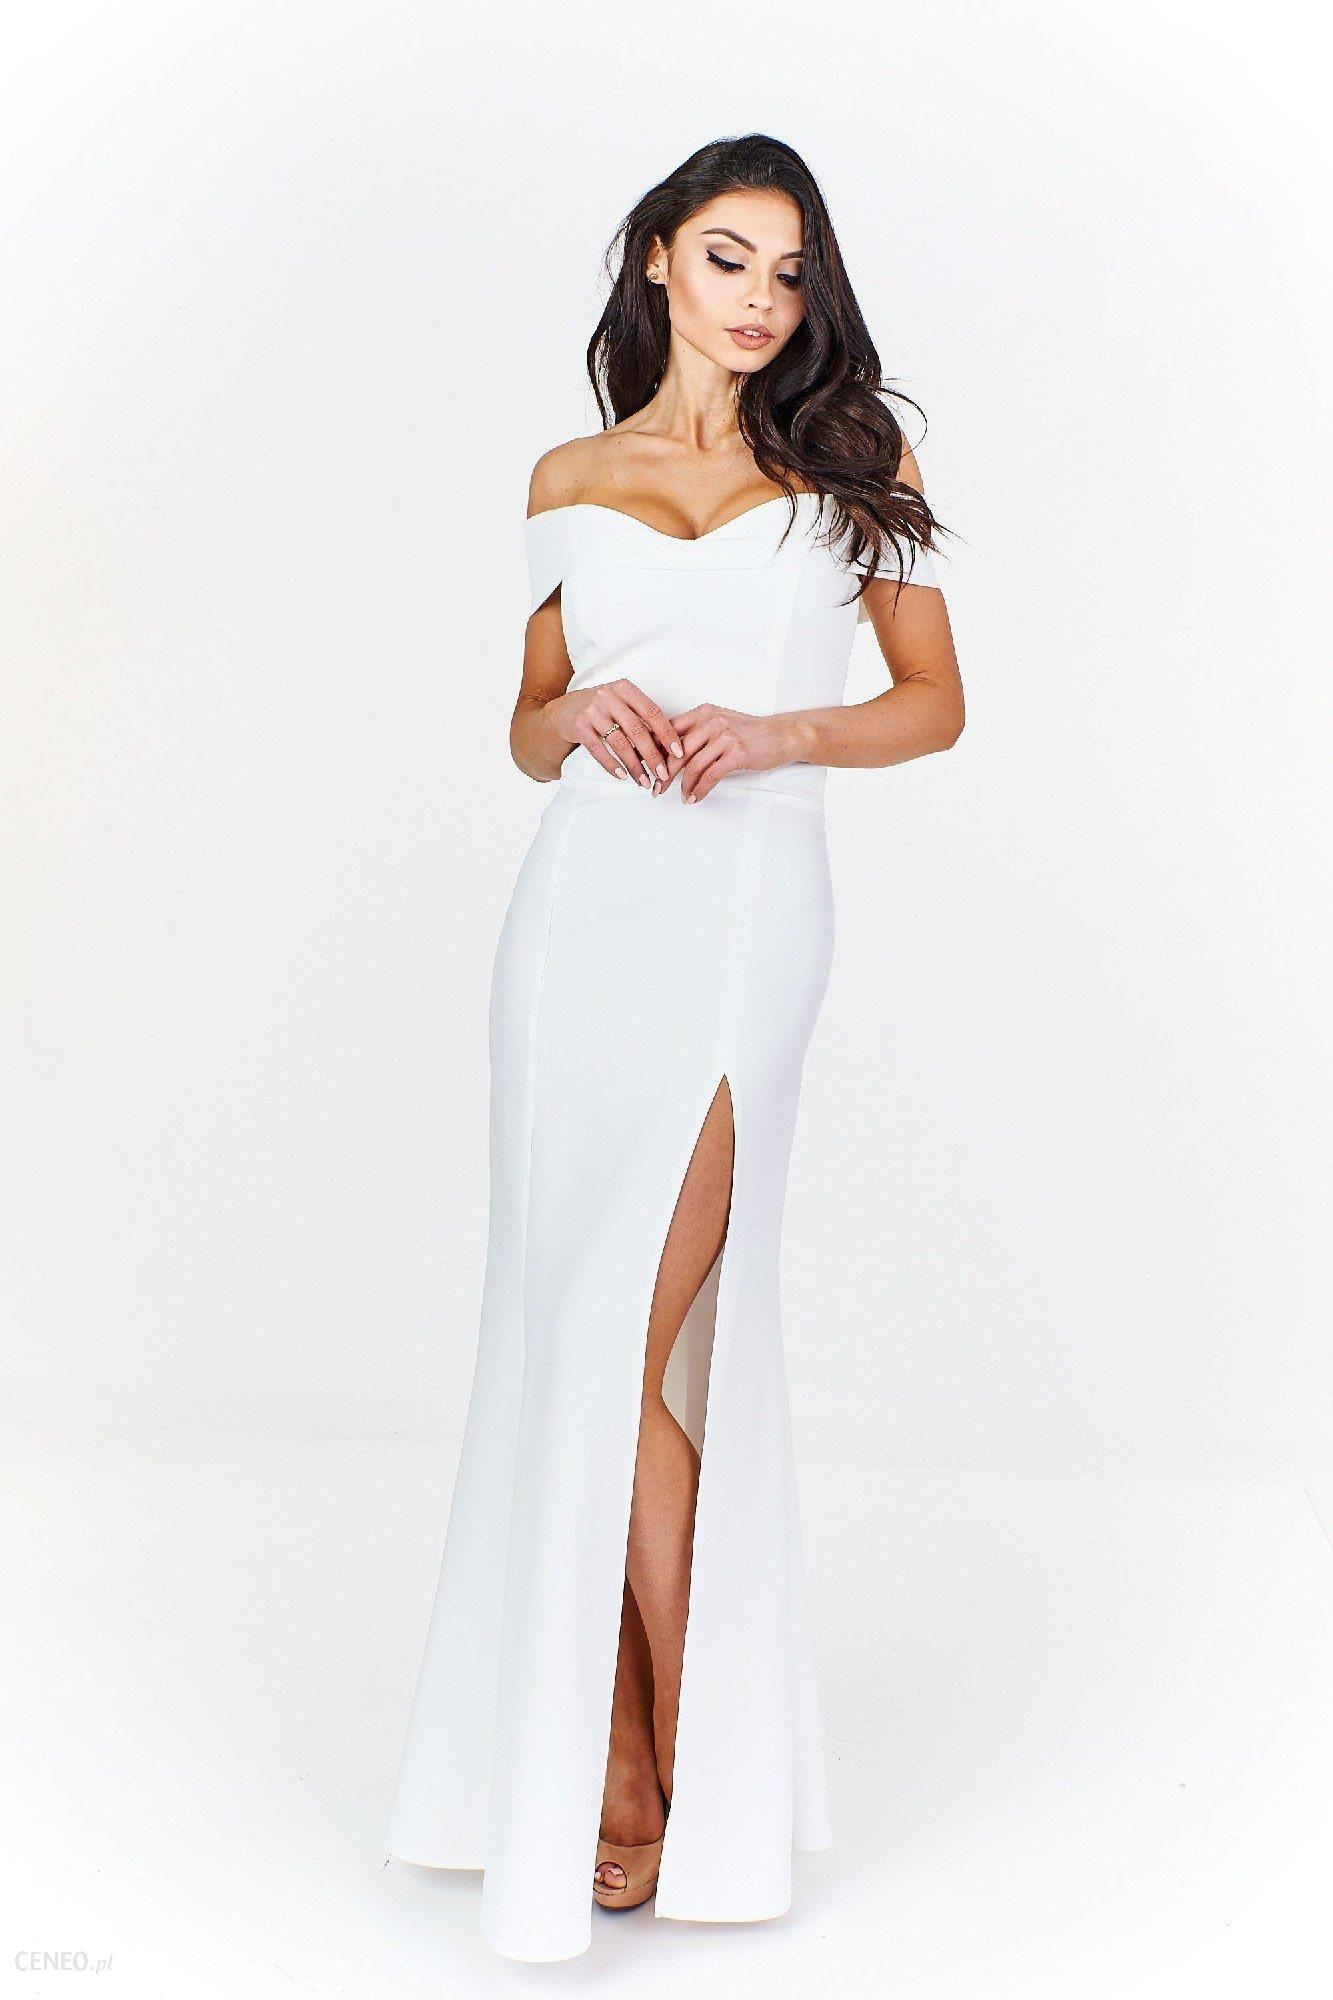 f6e3c11413 Ptak Moda Elegancka sukienka maxi M55510 biała r. 38 - Ceny i opinie ...